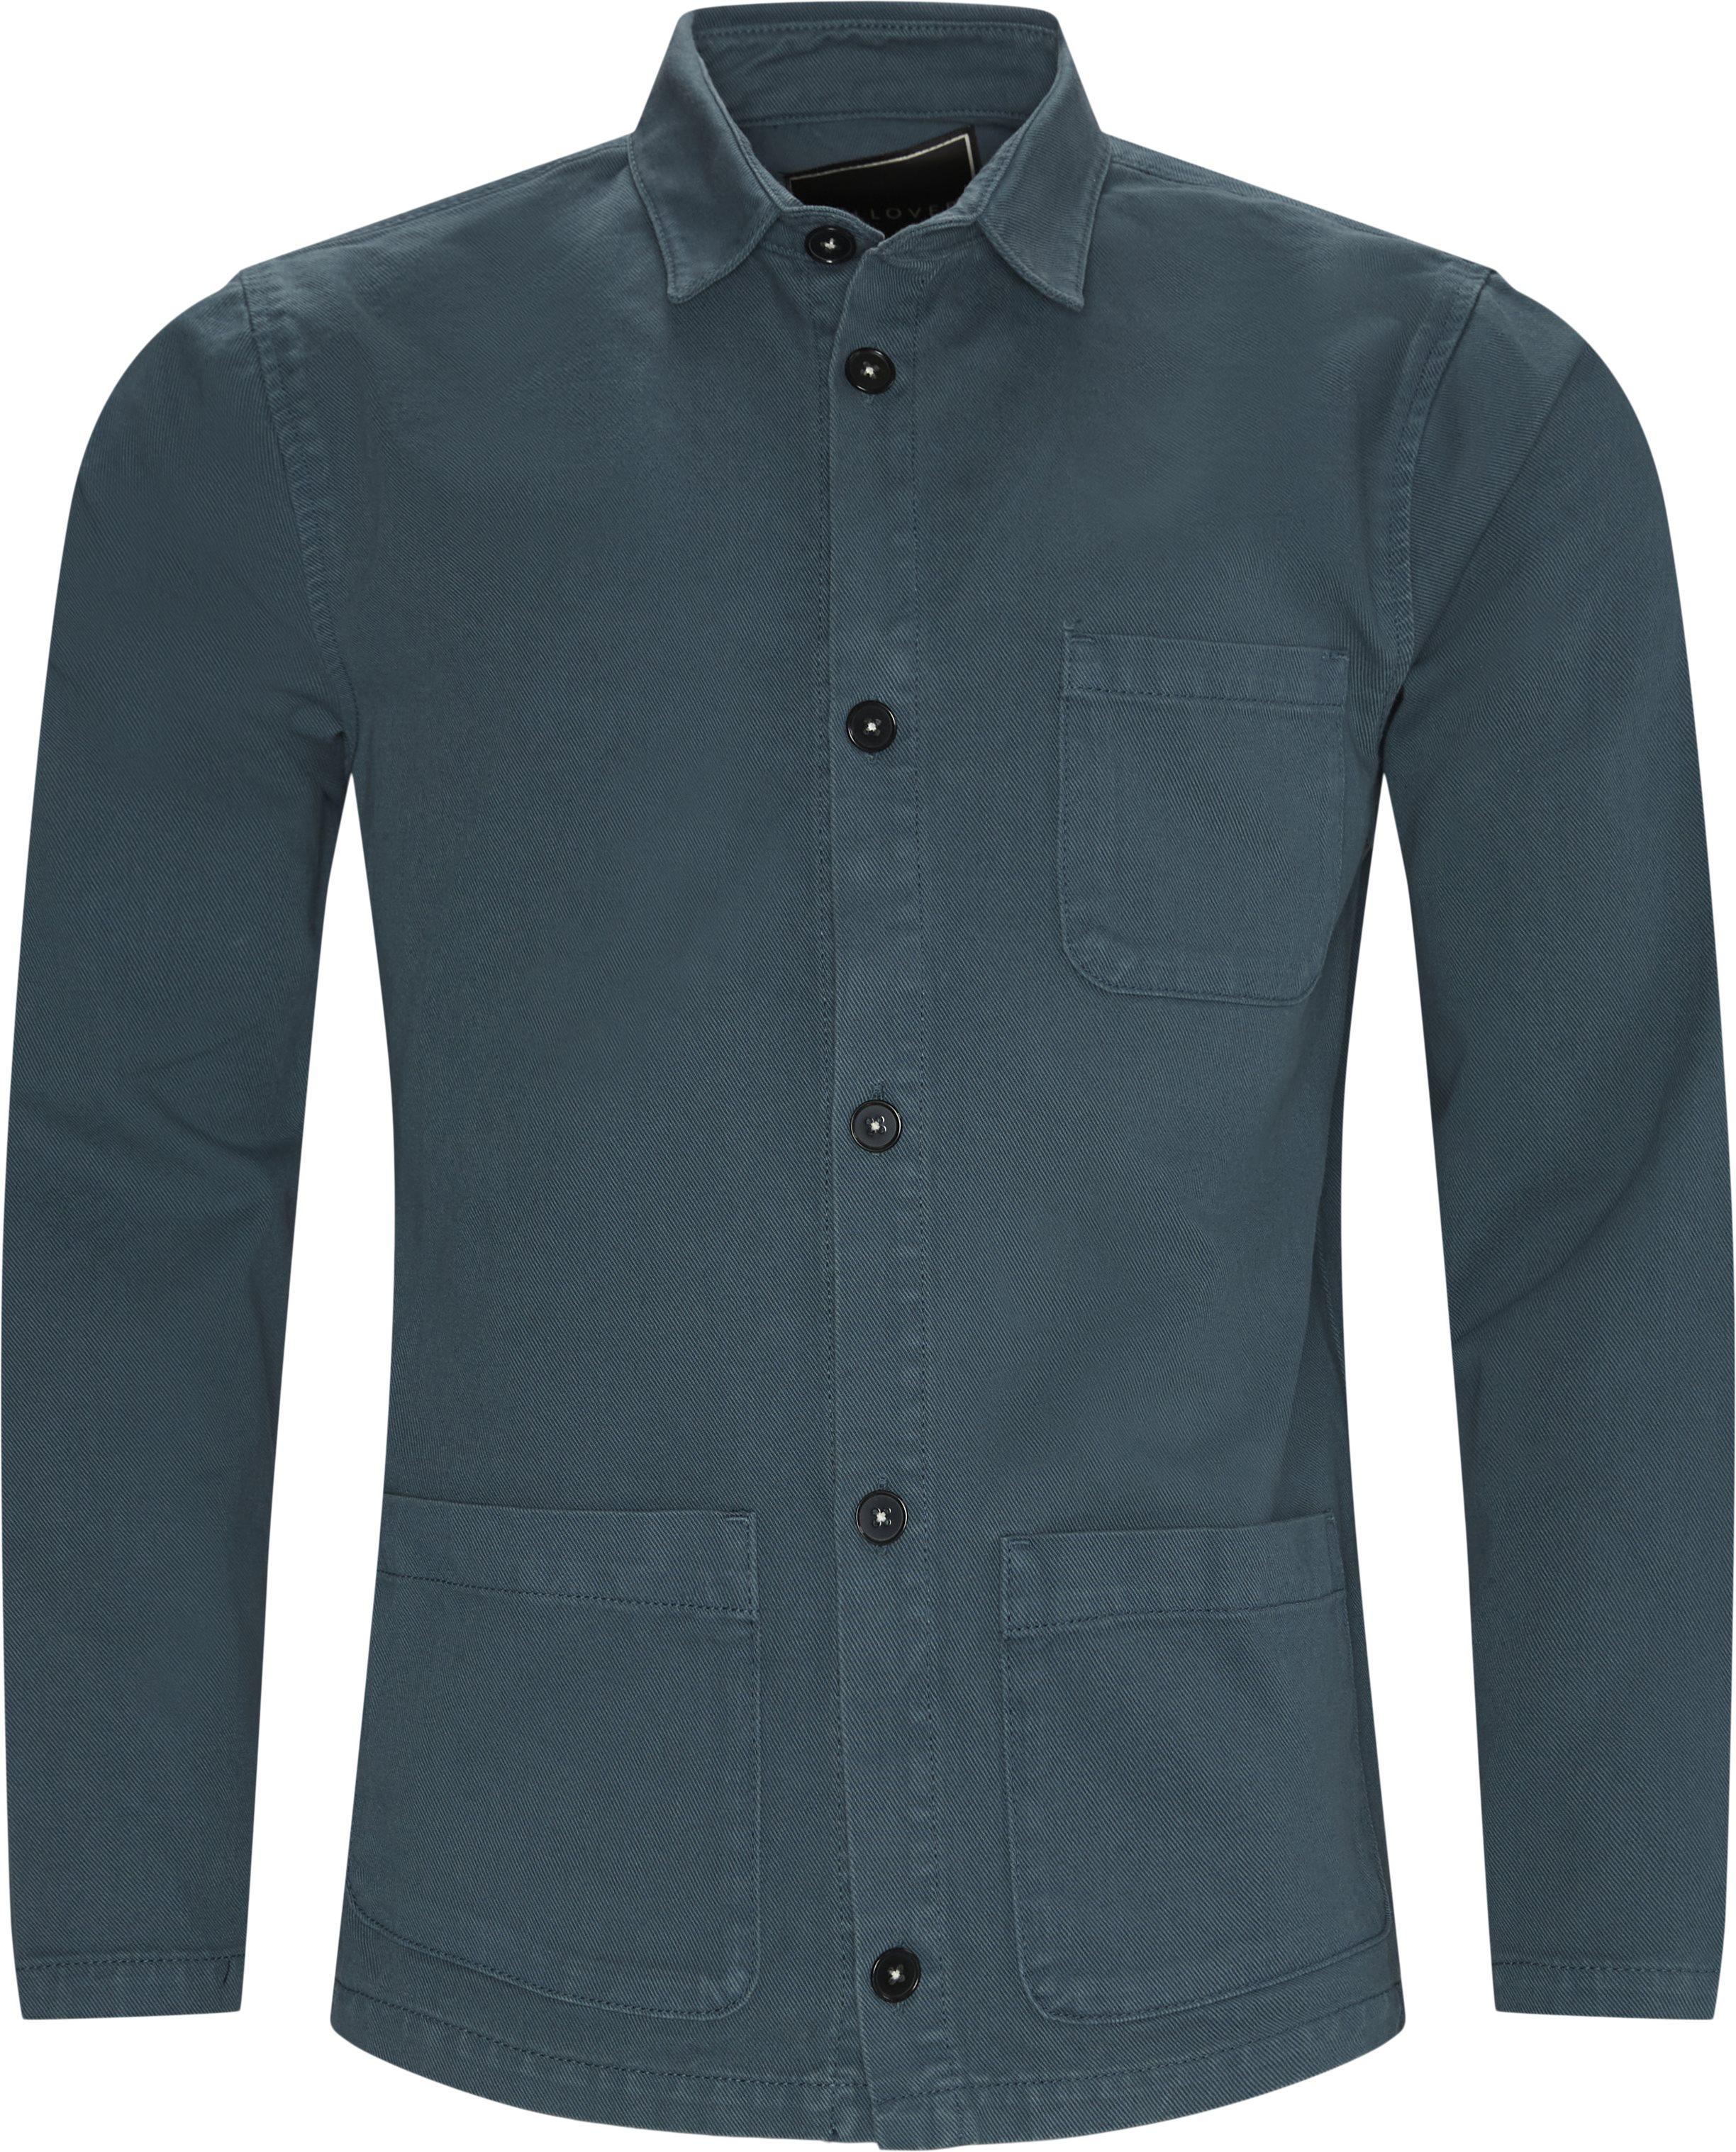 Overshirt  - Skjorter - Regular fit - Blå